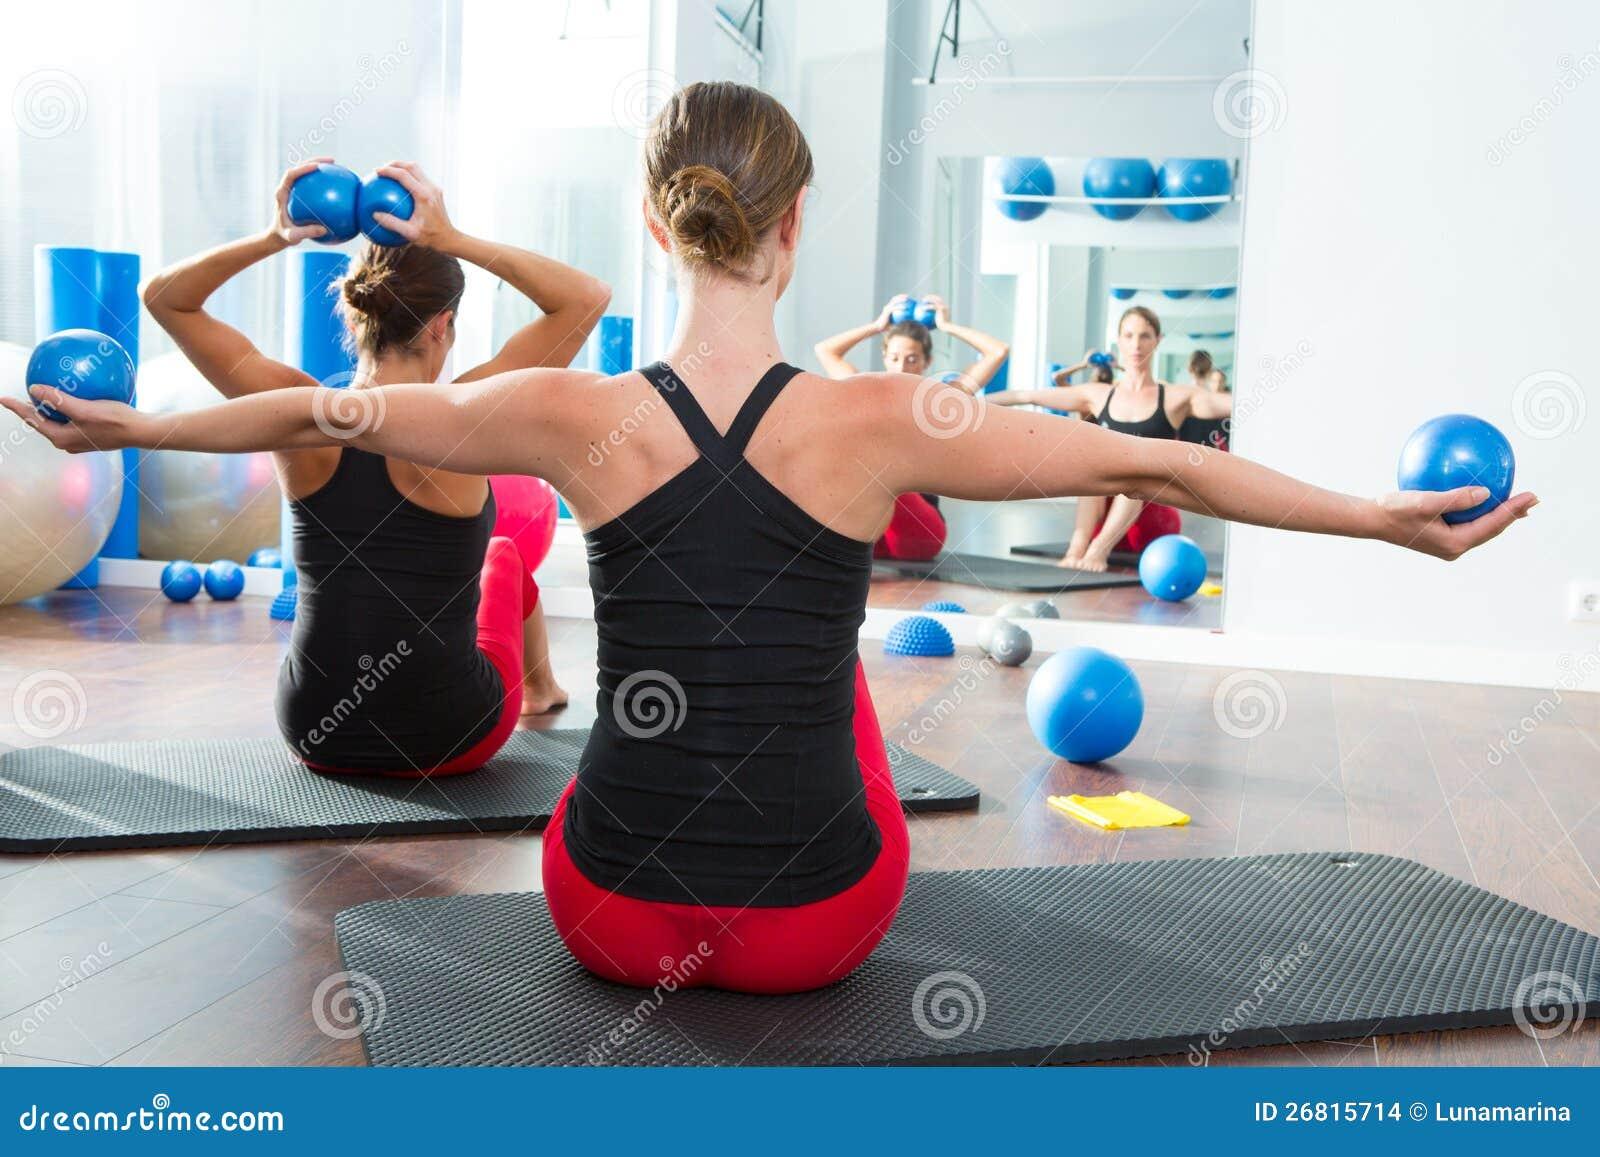 La bola de tono azul en pilates de las mujeres clasifica vista posterior